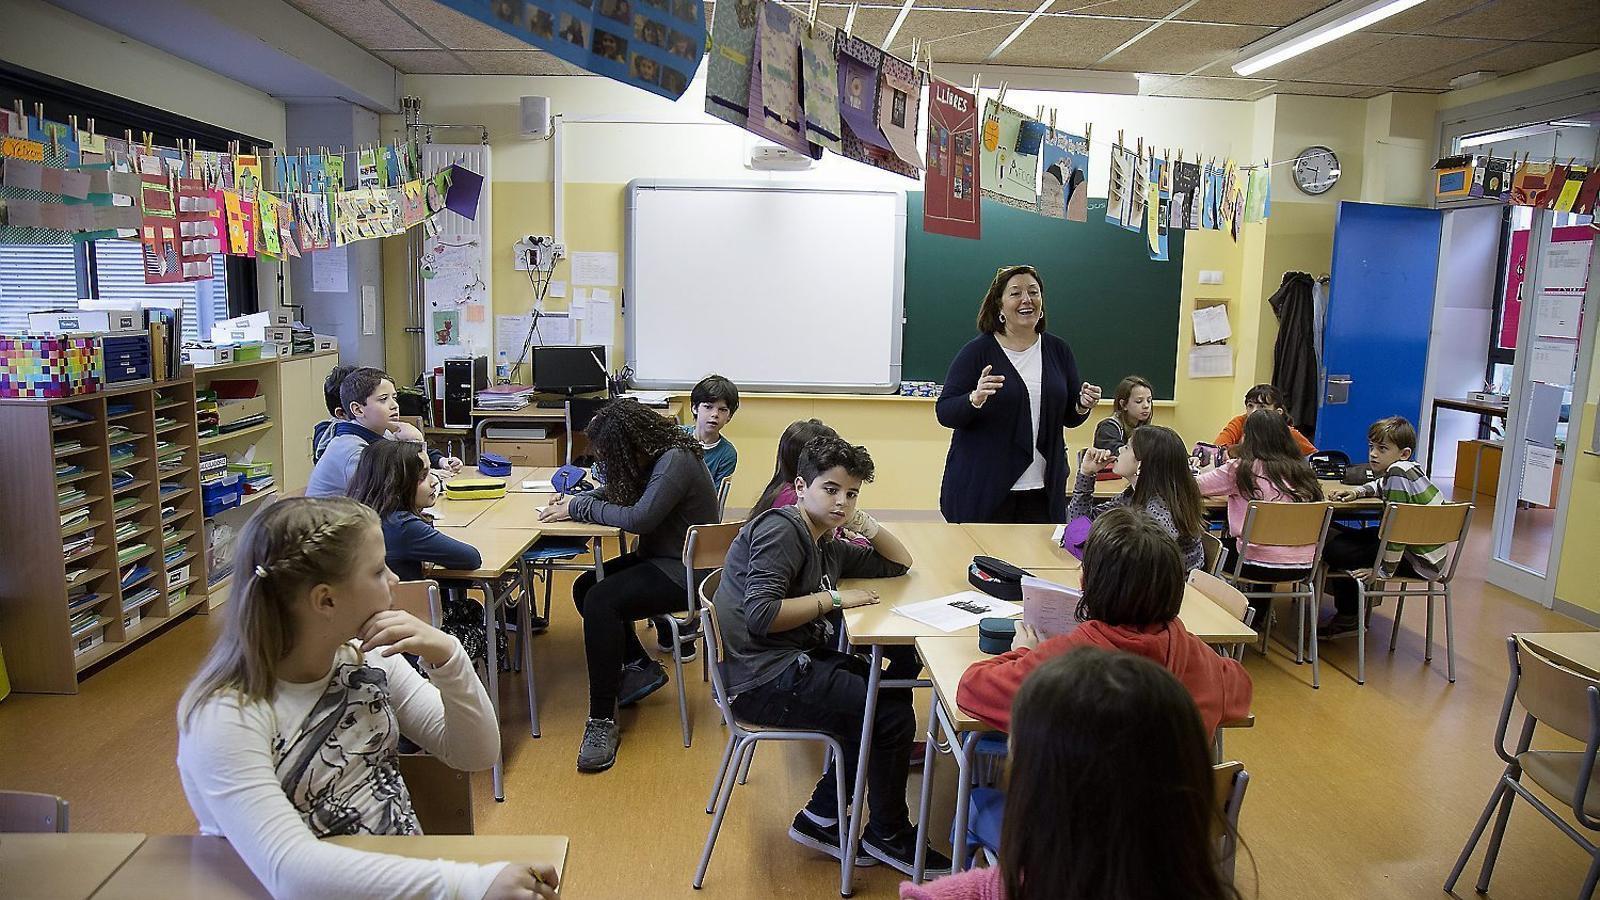 Alumnes de l'Escola Fructuós Gelabert (Barcelona) durant una classe.